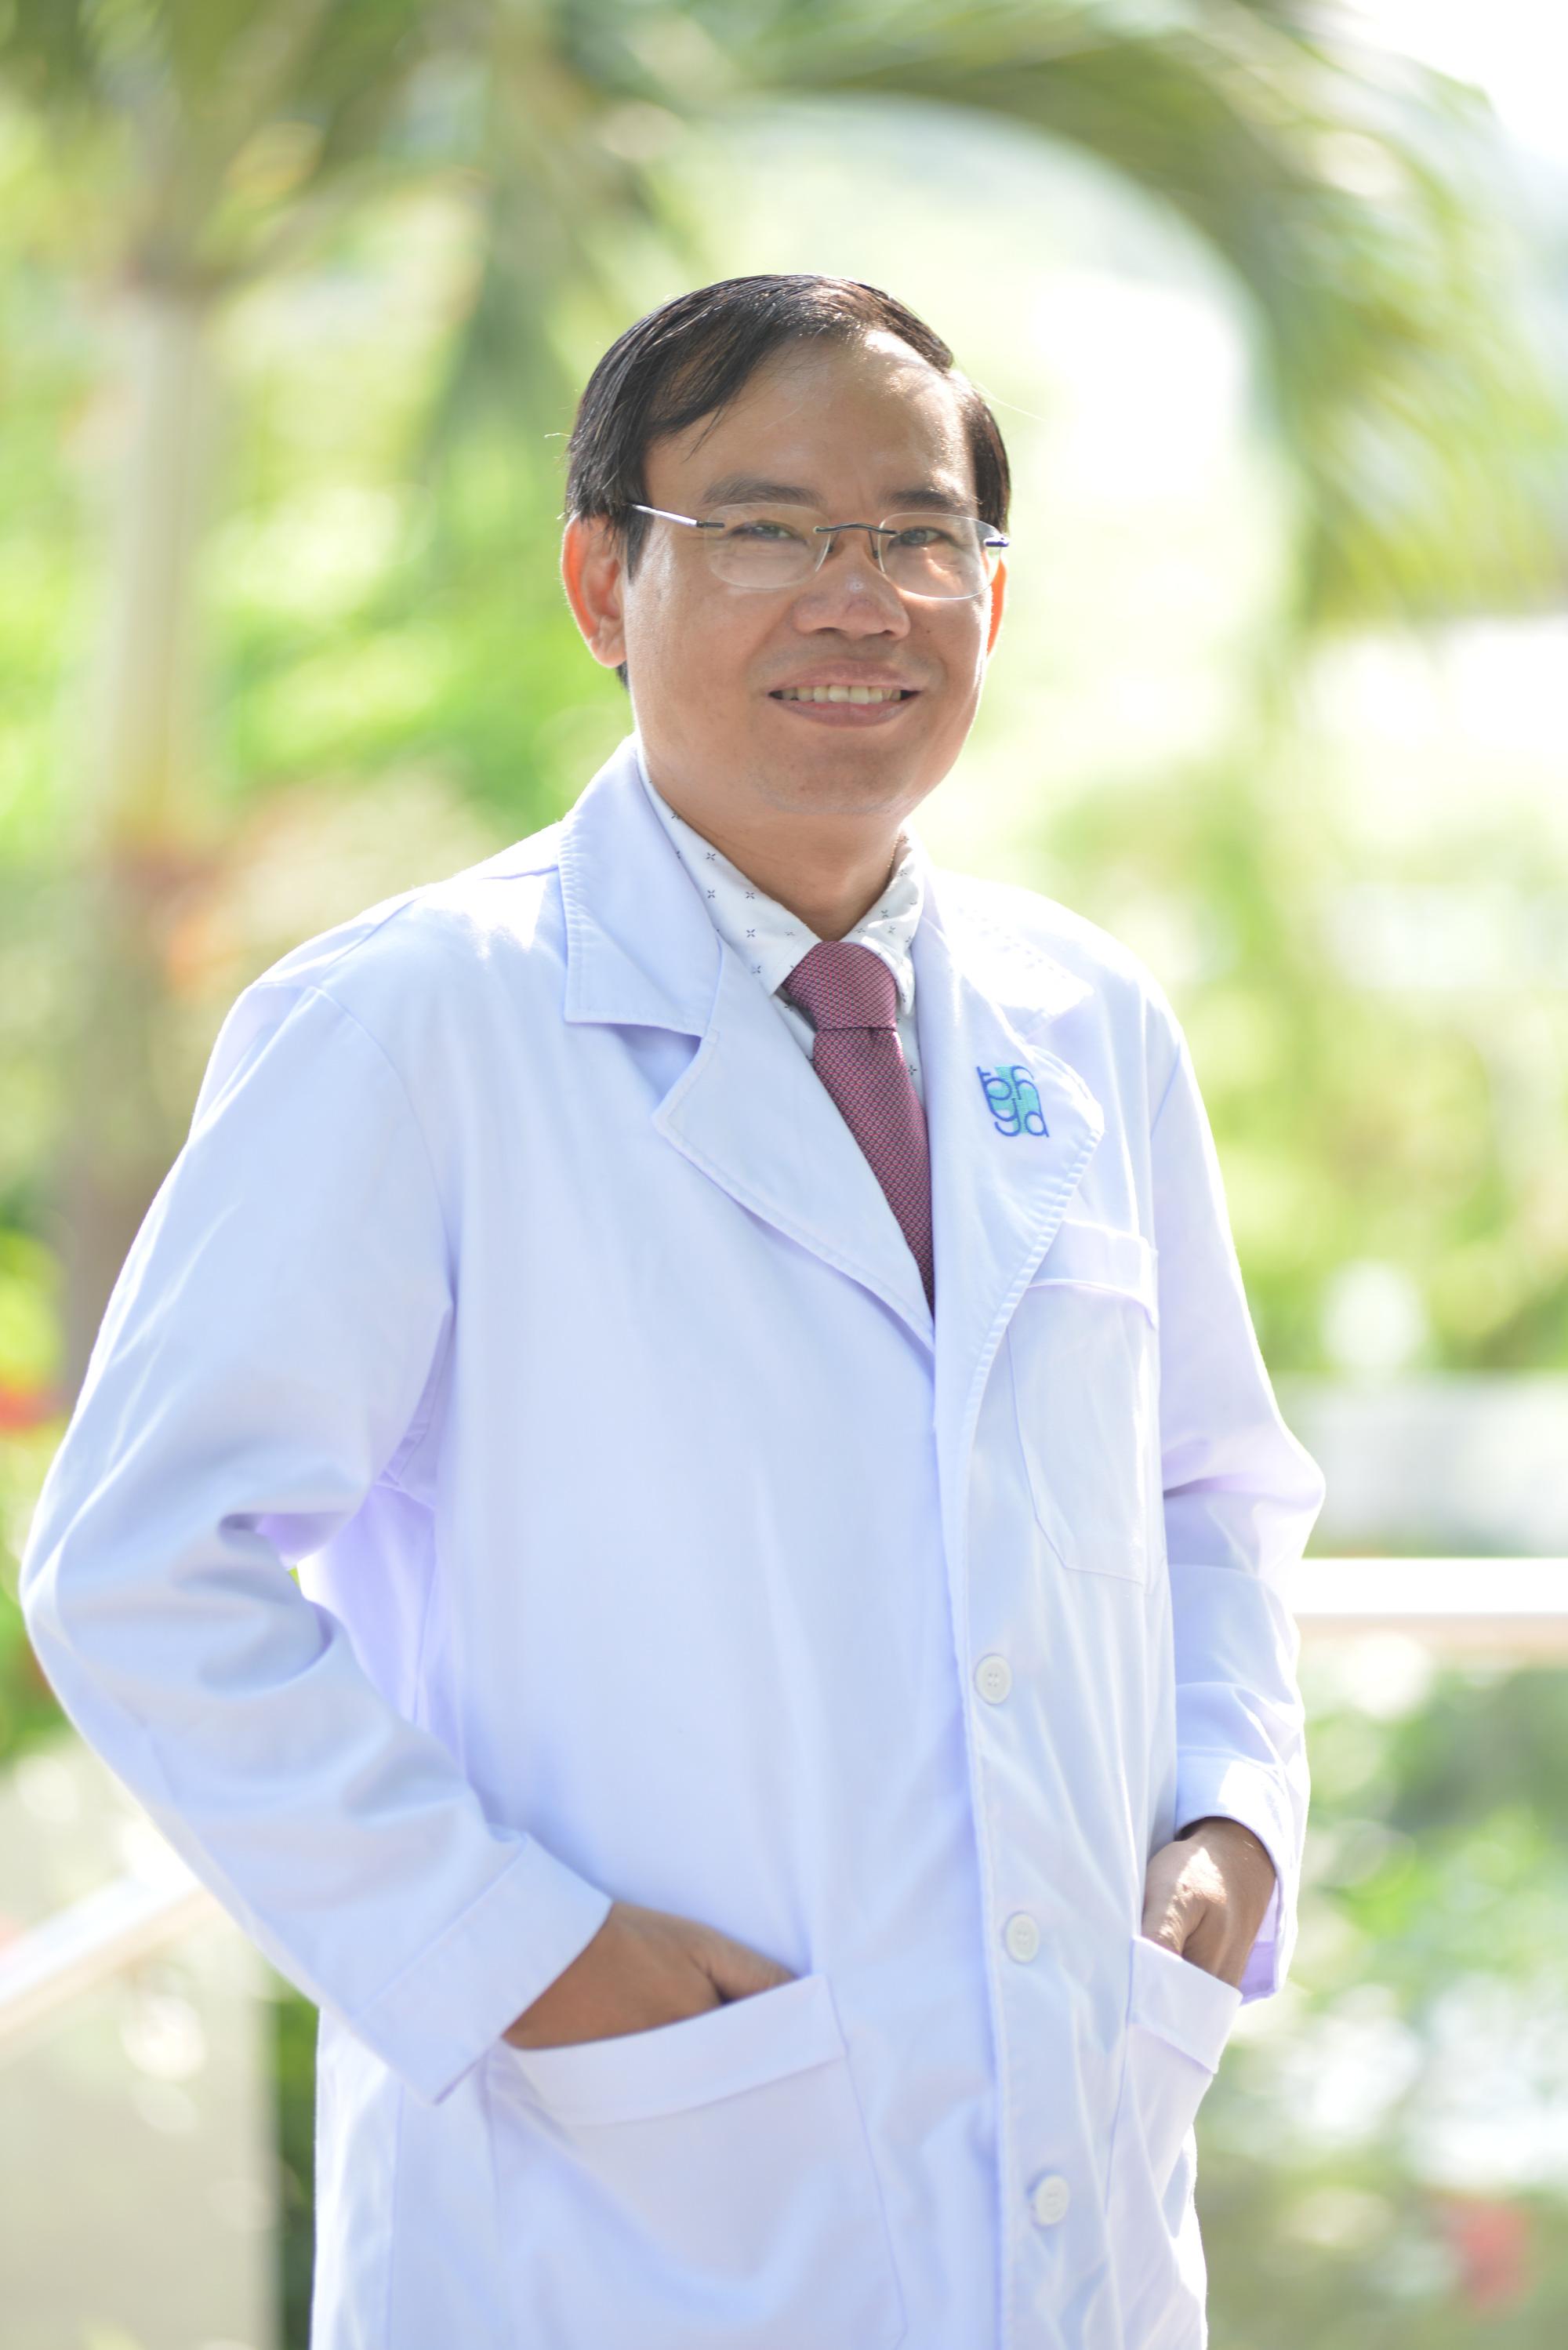 Chuyên gia hướng dẫn cách chăm sóc da để bảo vệ... phổi khi dịch bệnh Covid-19 vẫn chưa kết thúc - Ảnh 1.